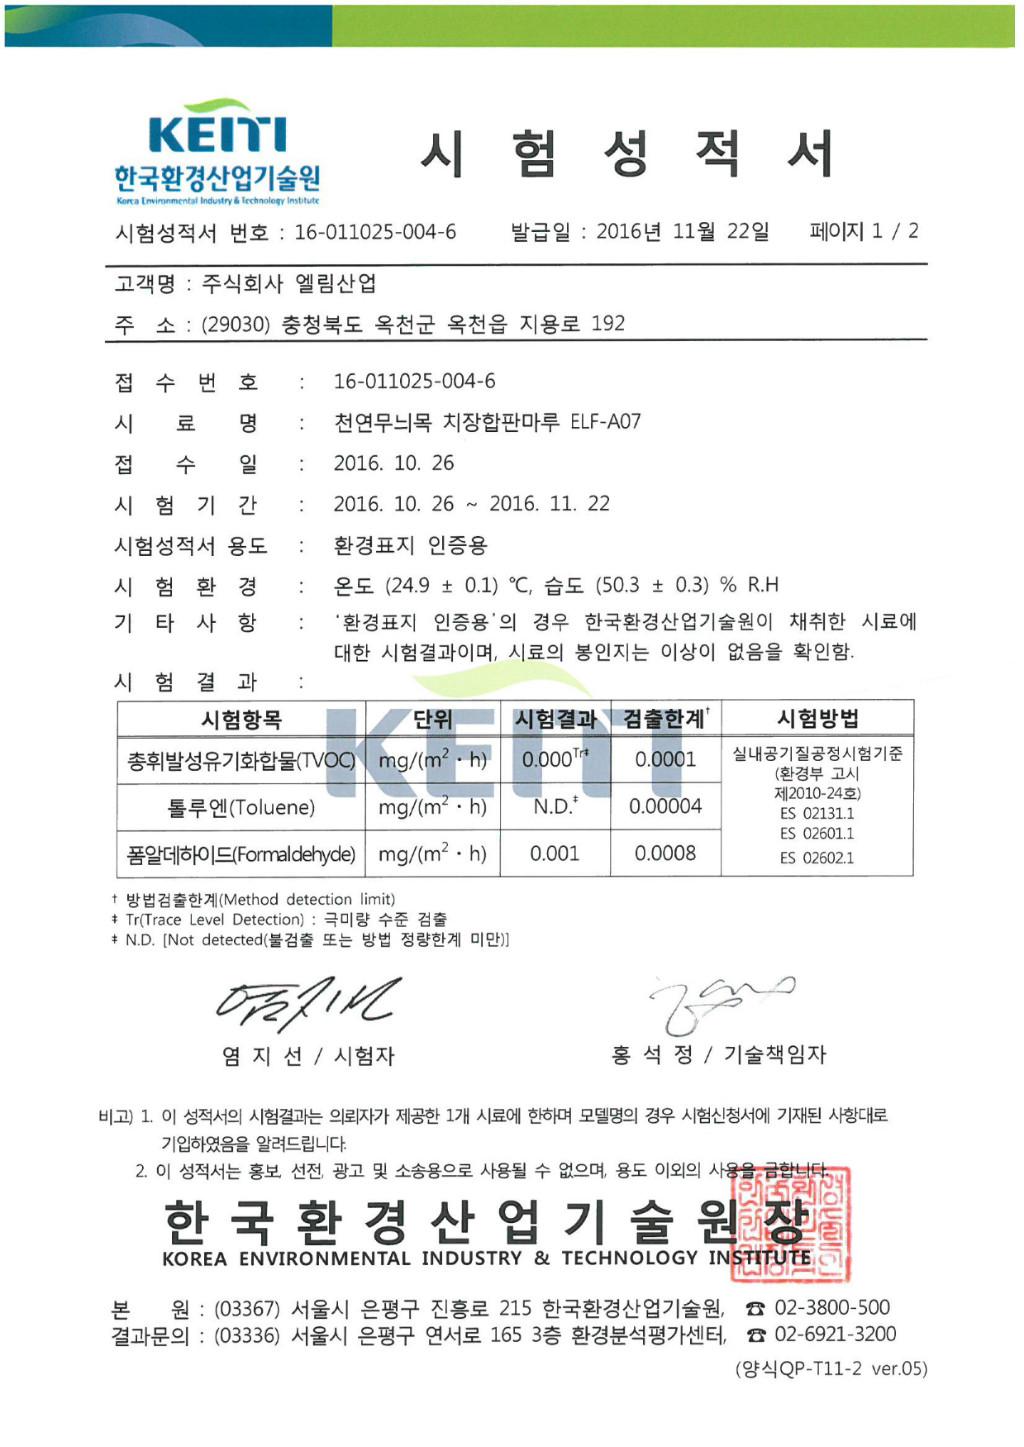 엘림 원목치장마루 시험성적서 (실내공기질).jpg